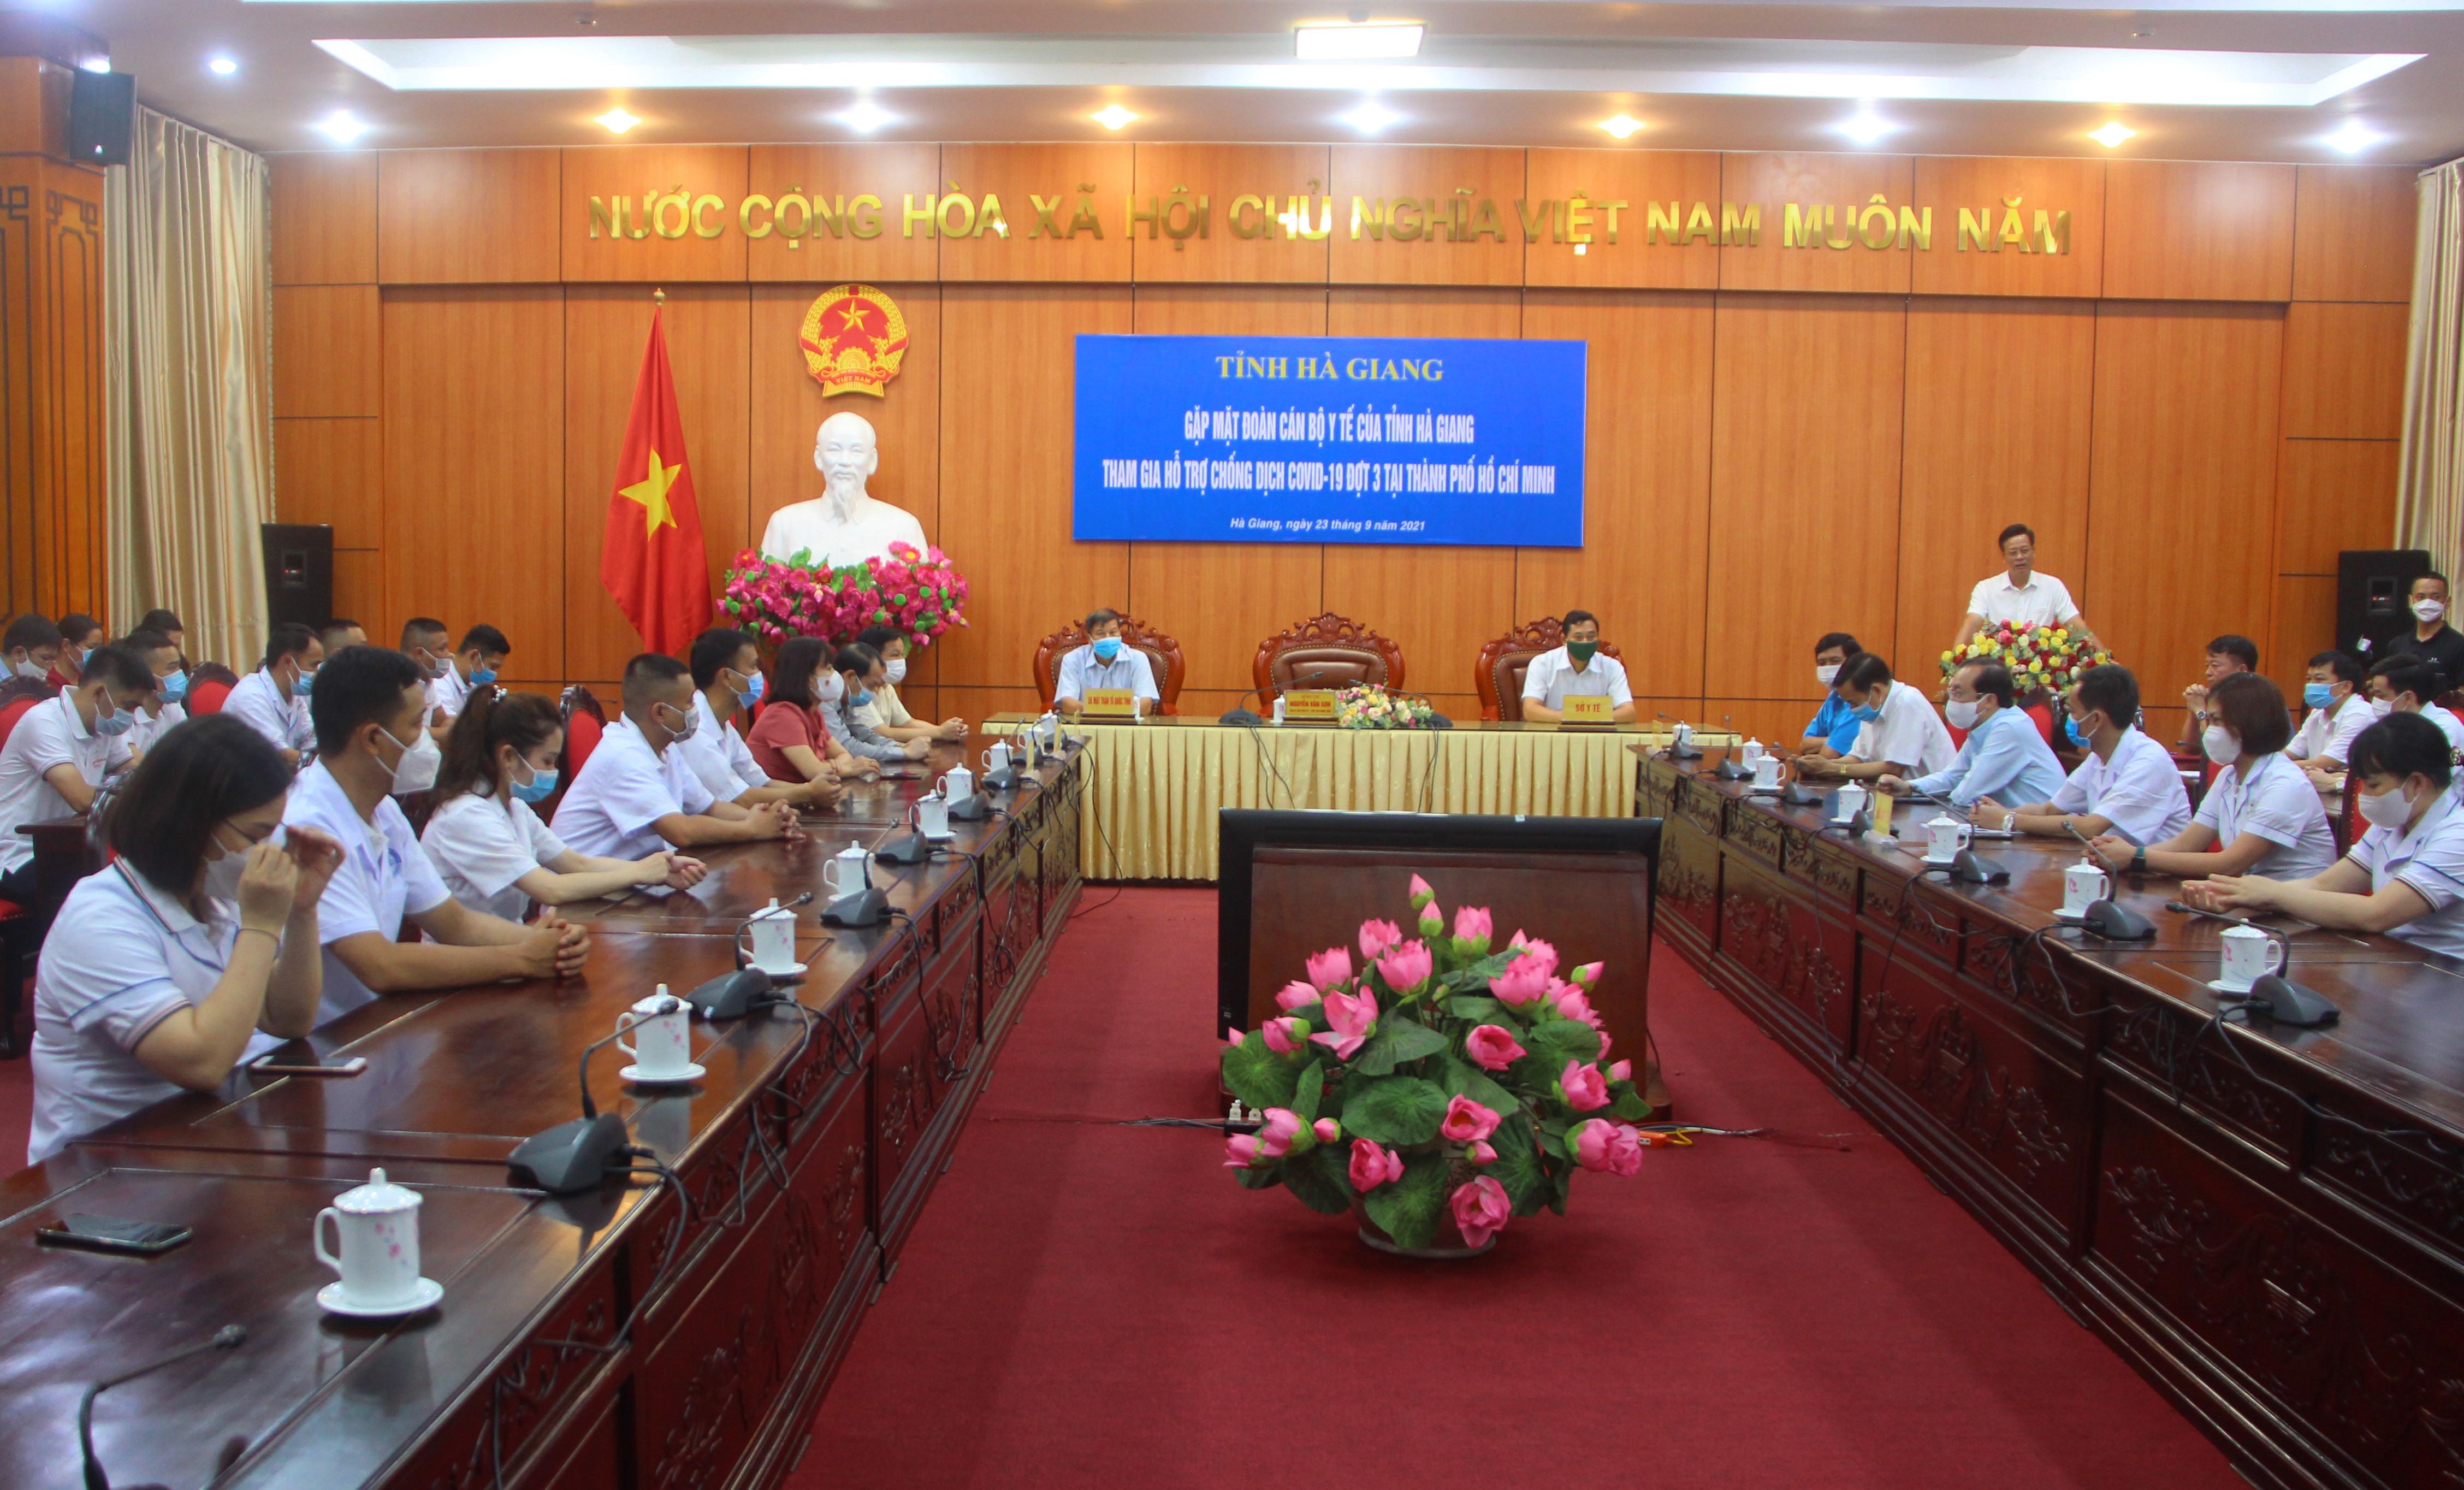 UBND tỉnh gặp mặt đoàn cán bộ Y tế tham gia hỗ trợ chống dịch COVID-19 đợt 3 tại thành phố Hồ Chí Minh